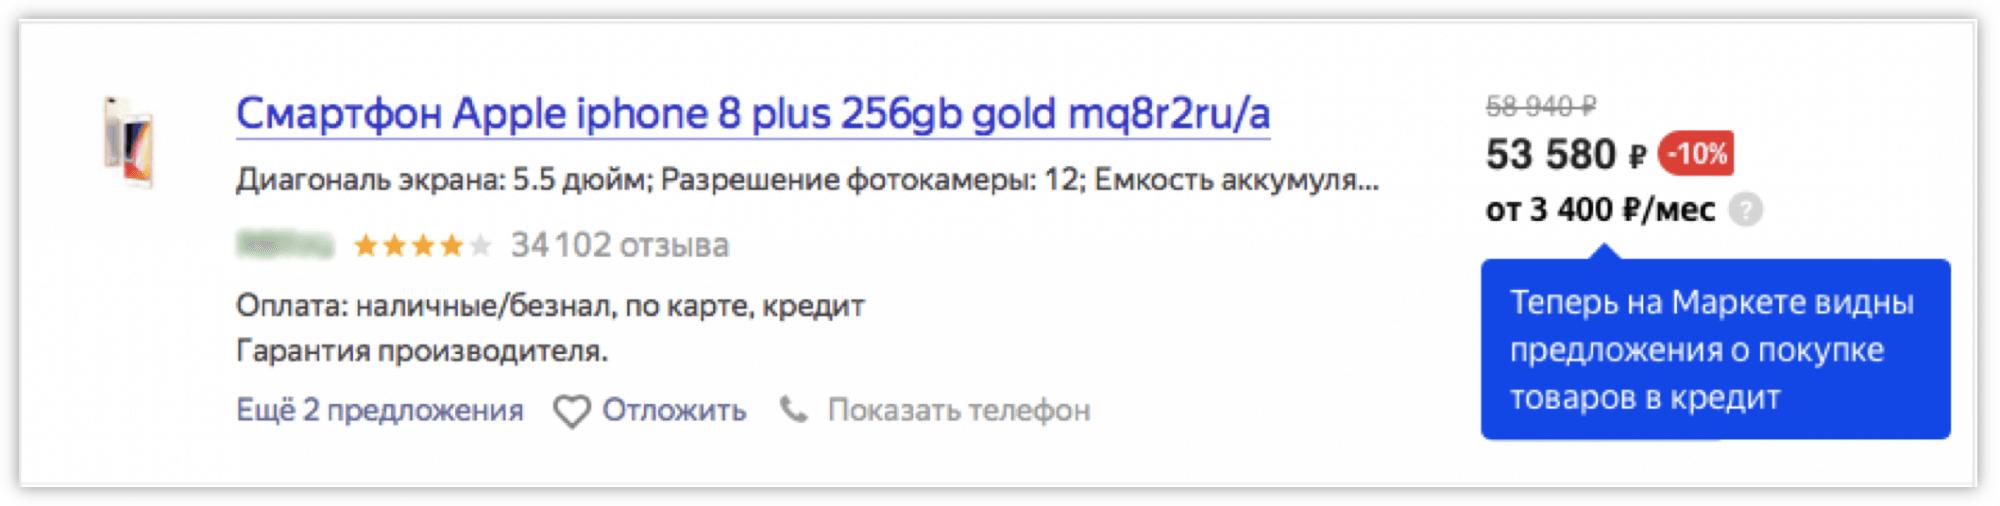 Яндекс.Маркет теперь показывает условия покупки товаров в кредит